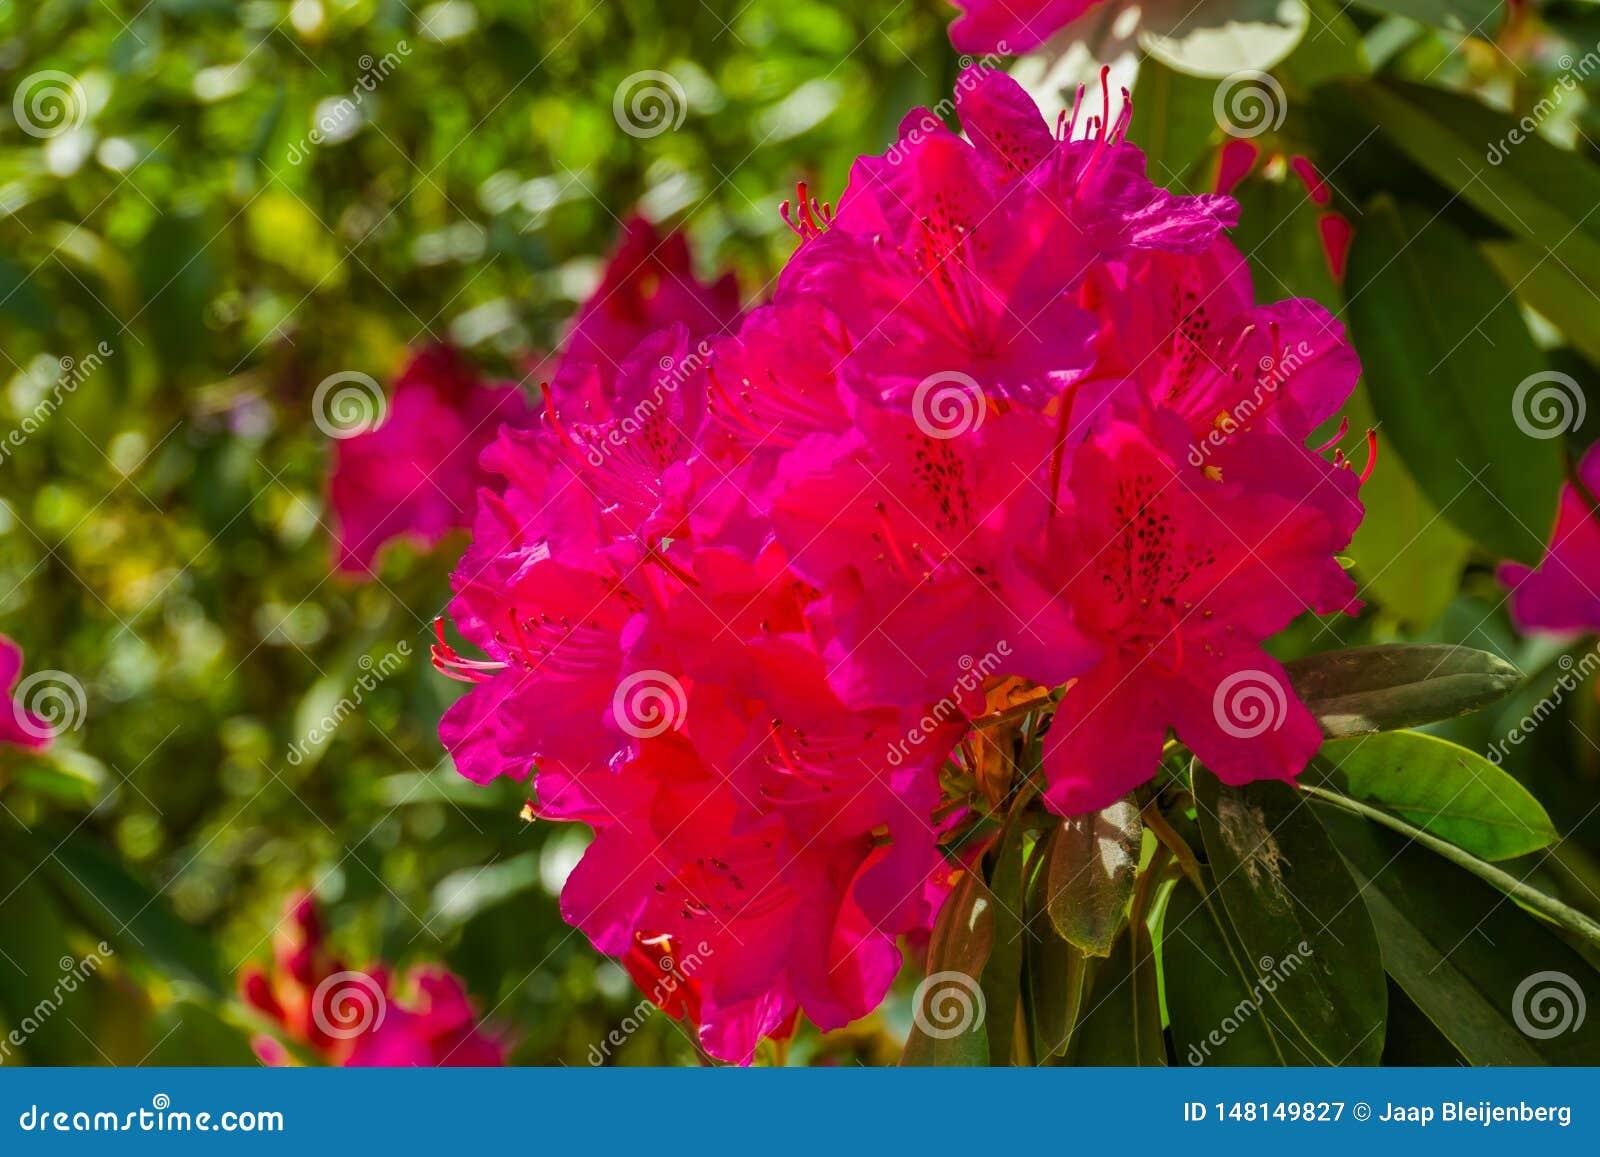 Härliga rosa rhododendronblommor i makrocloseupen, kultiverad blomma buske, populär dekorativ växt för trädgården, natur